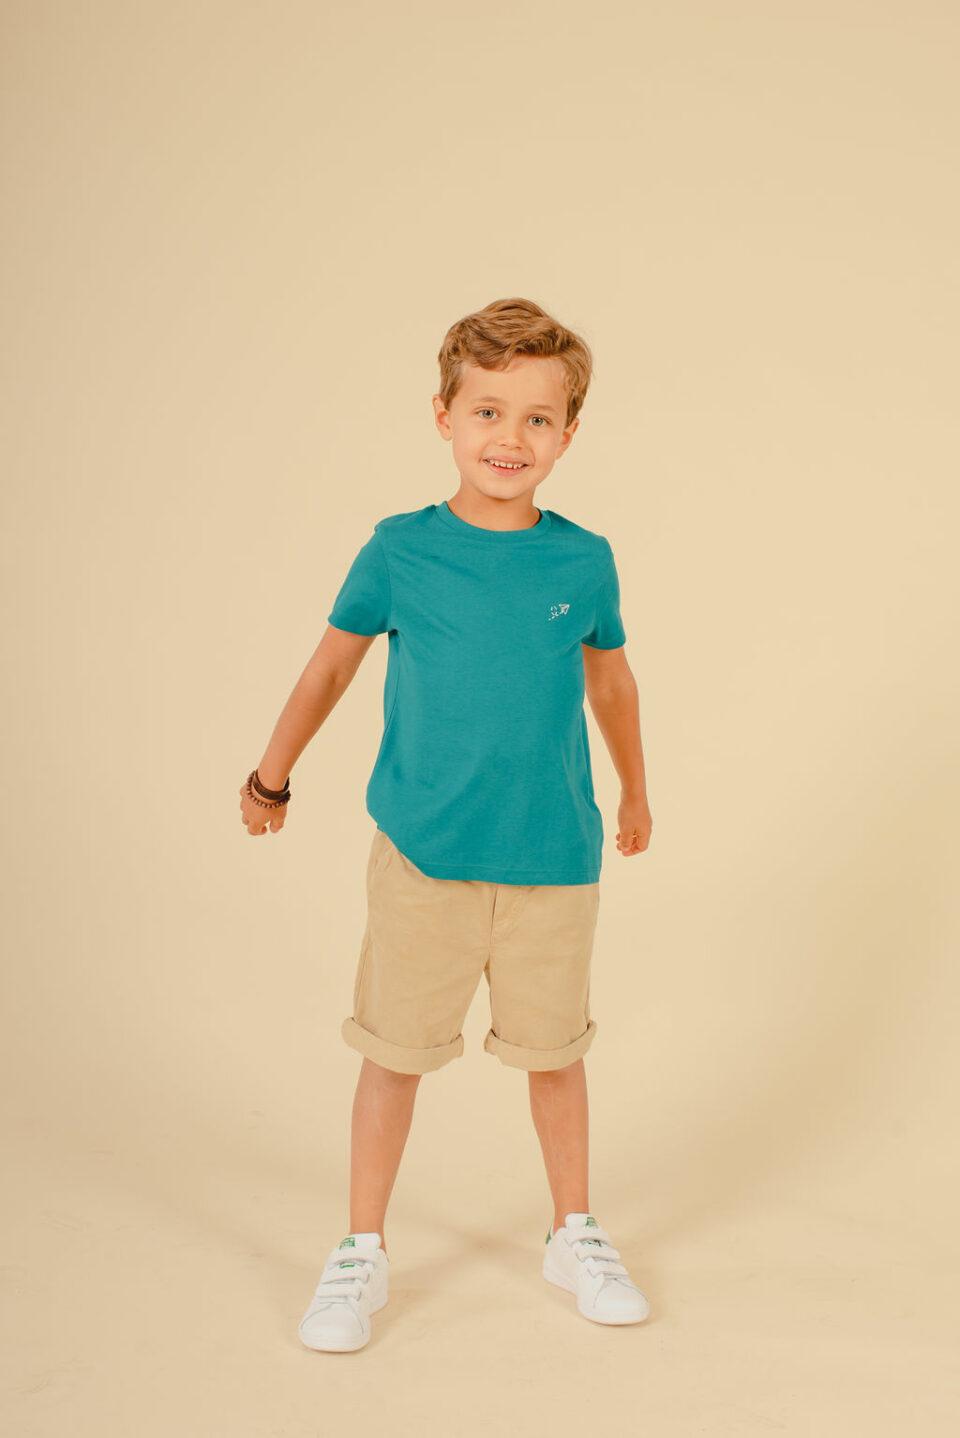 kiddø - T-shirt - Boy